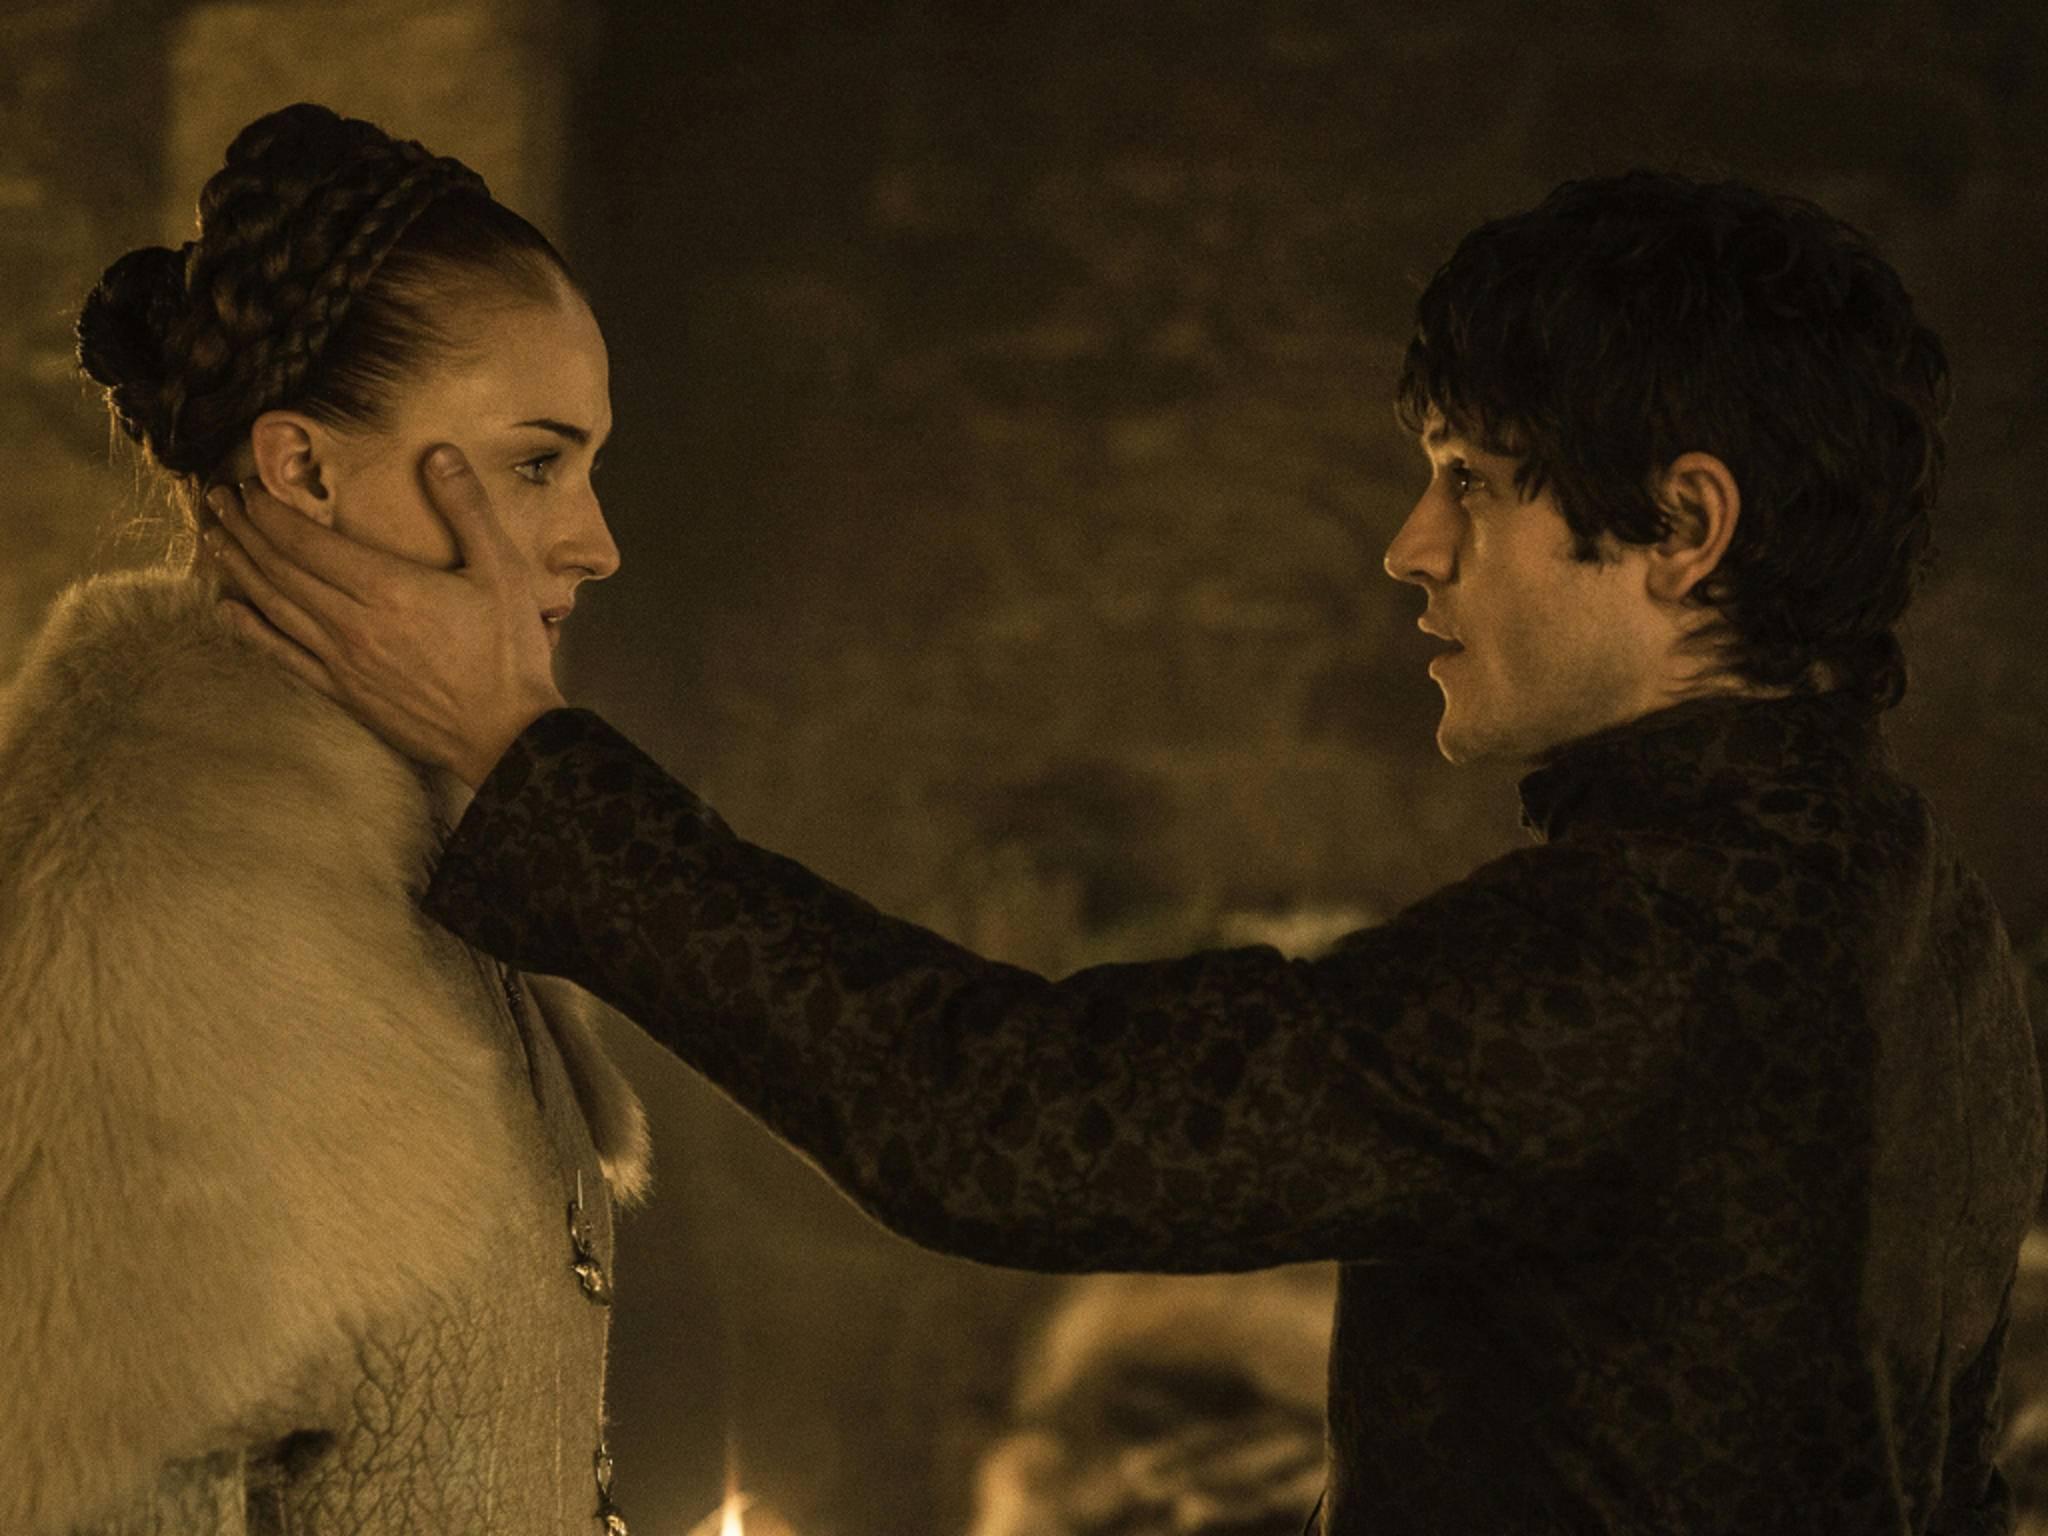 Ohne ihn wäre es in Westeros beschaulich: Ramsay Bolton ist ein wahrer Psychopath.